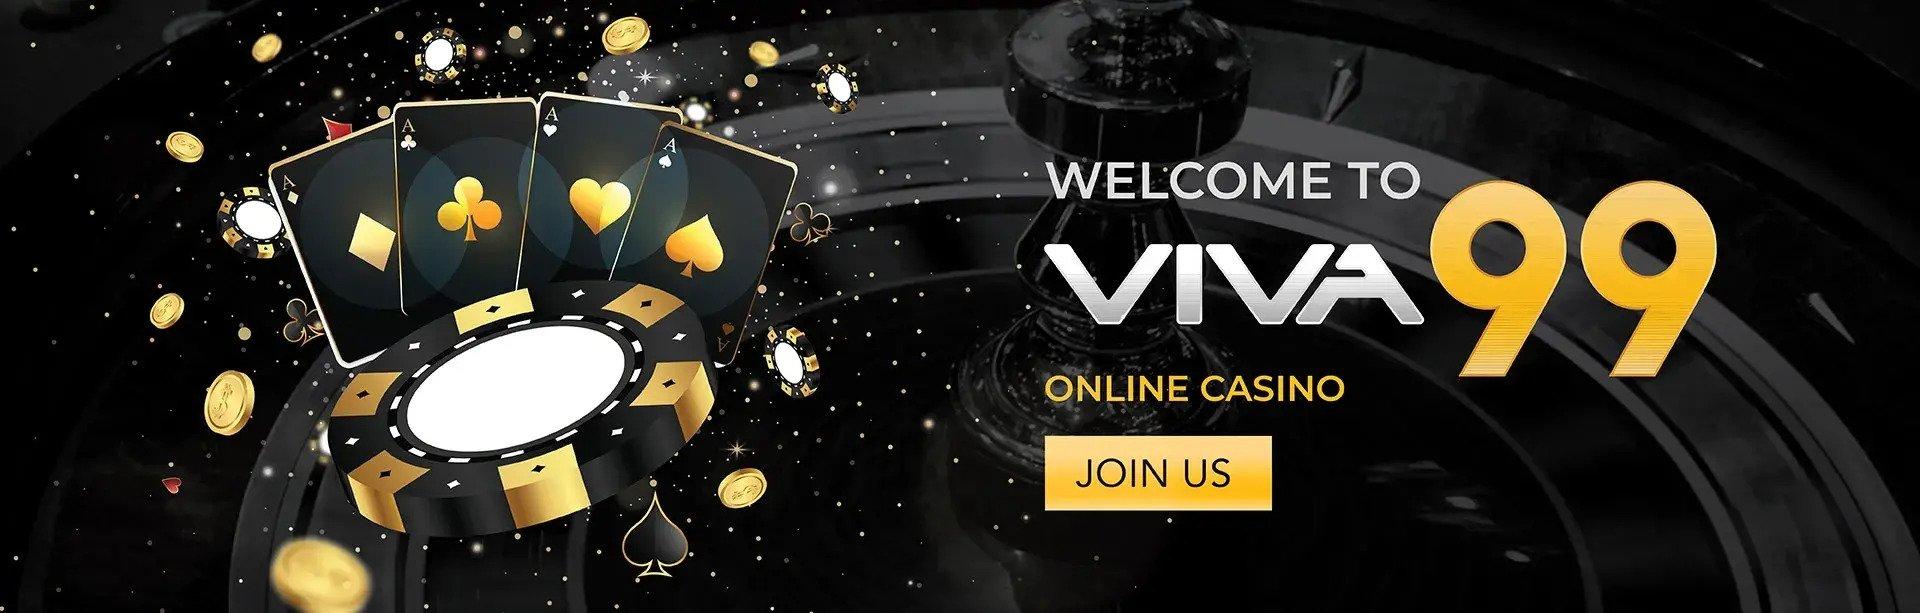 Wild Jack Casino – Dikenal dengan Blackjack Online Plus 300 Lebih Banyak Permainan Kasino